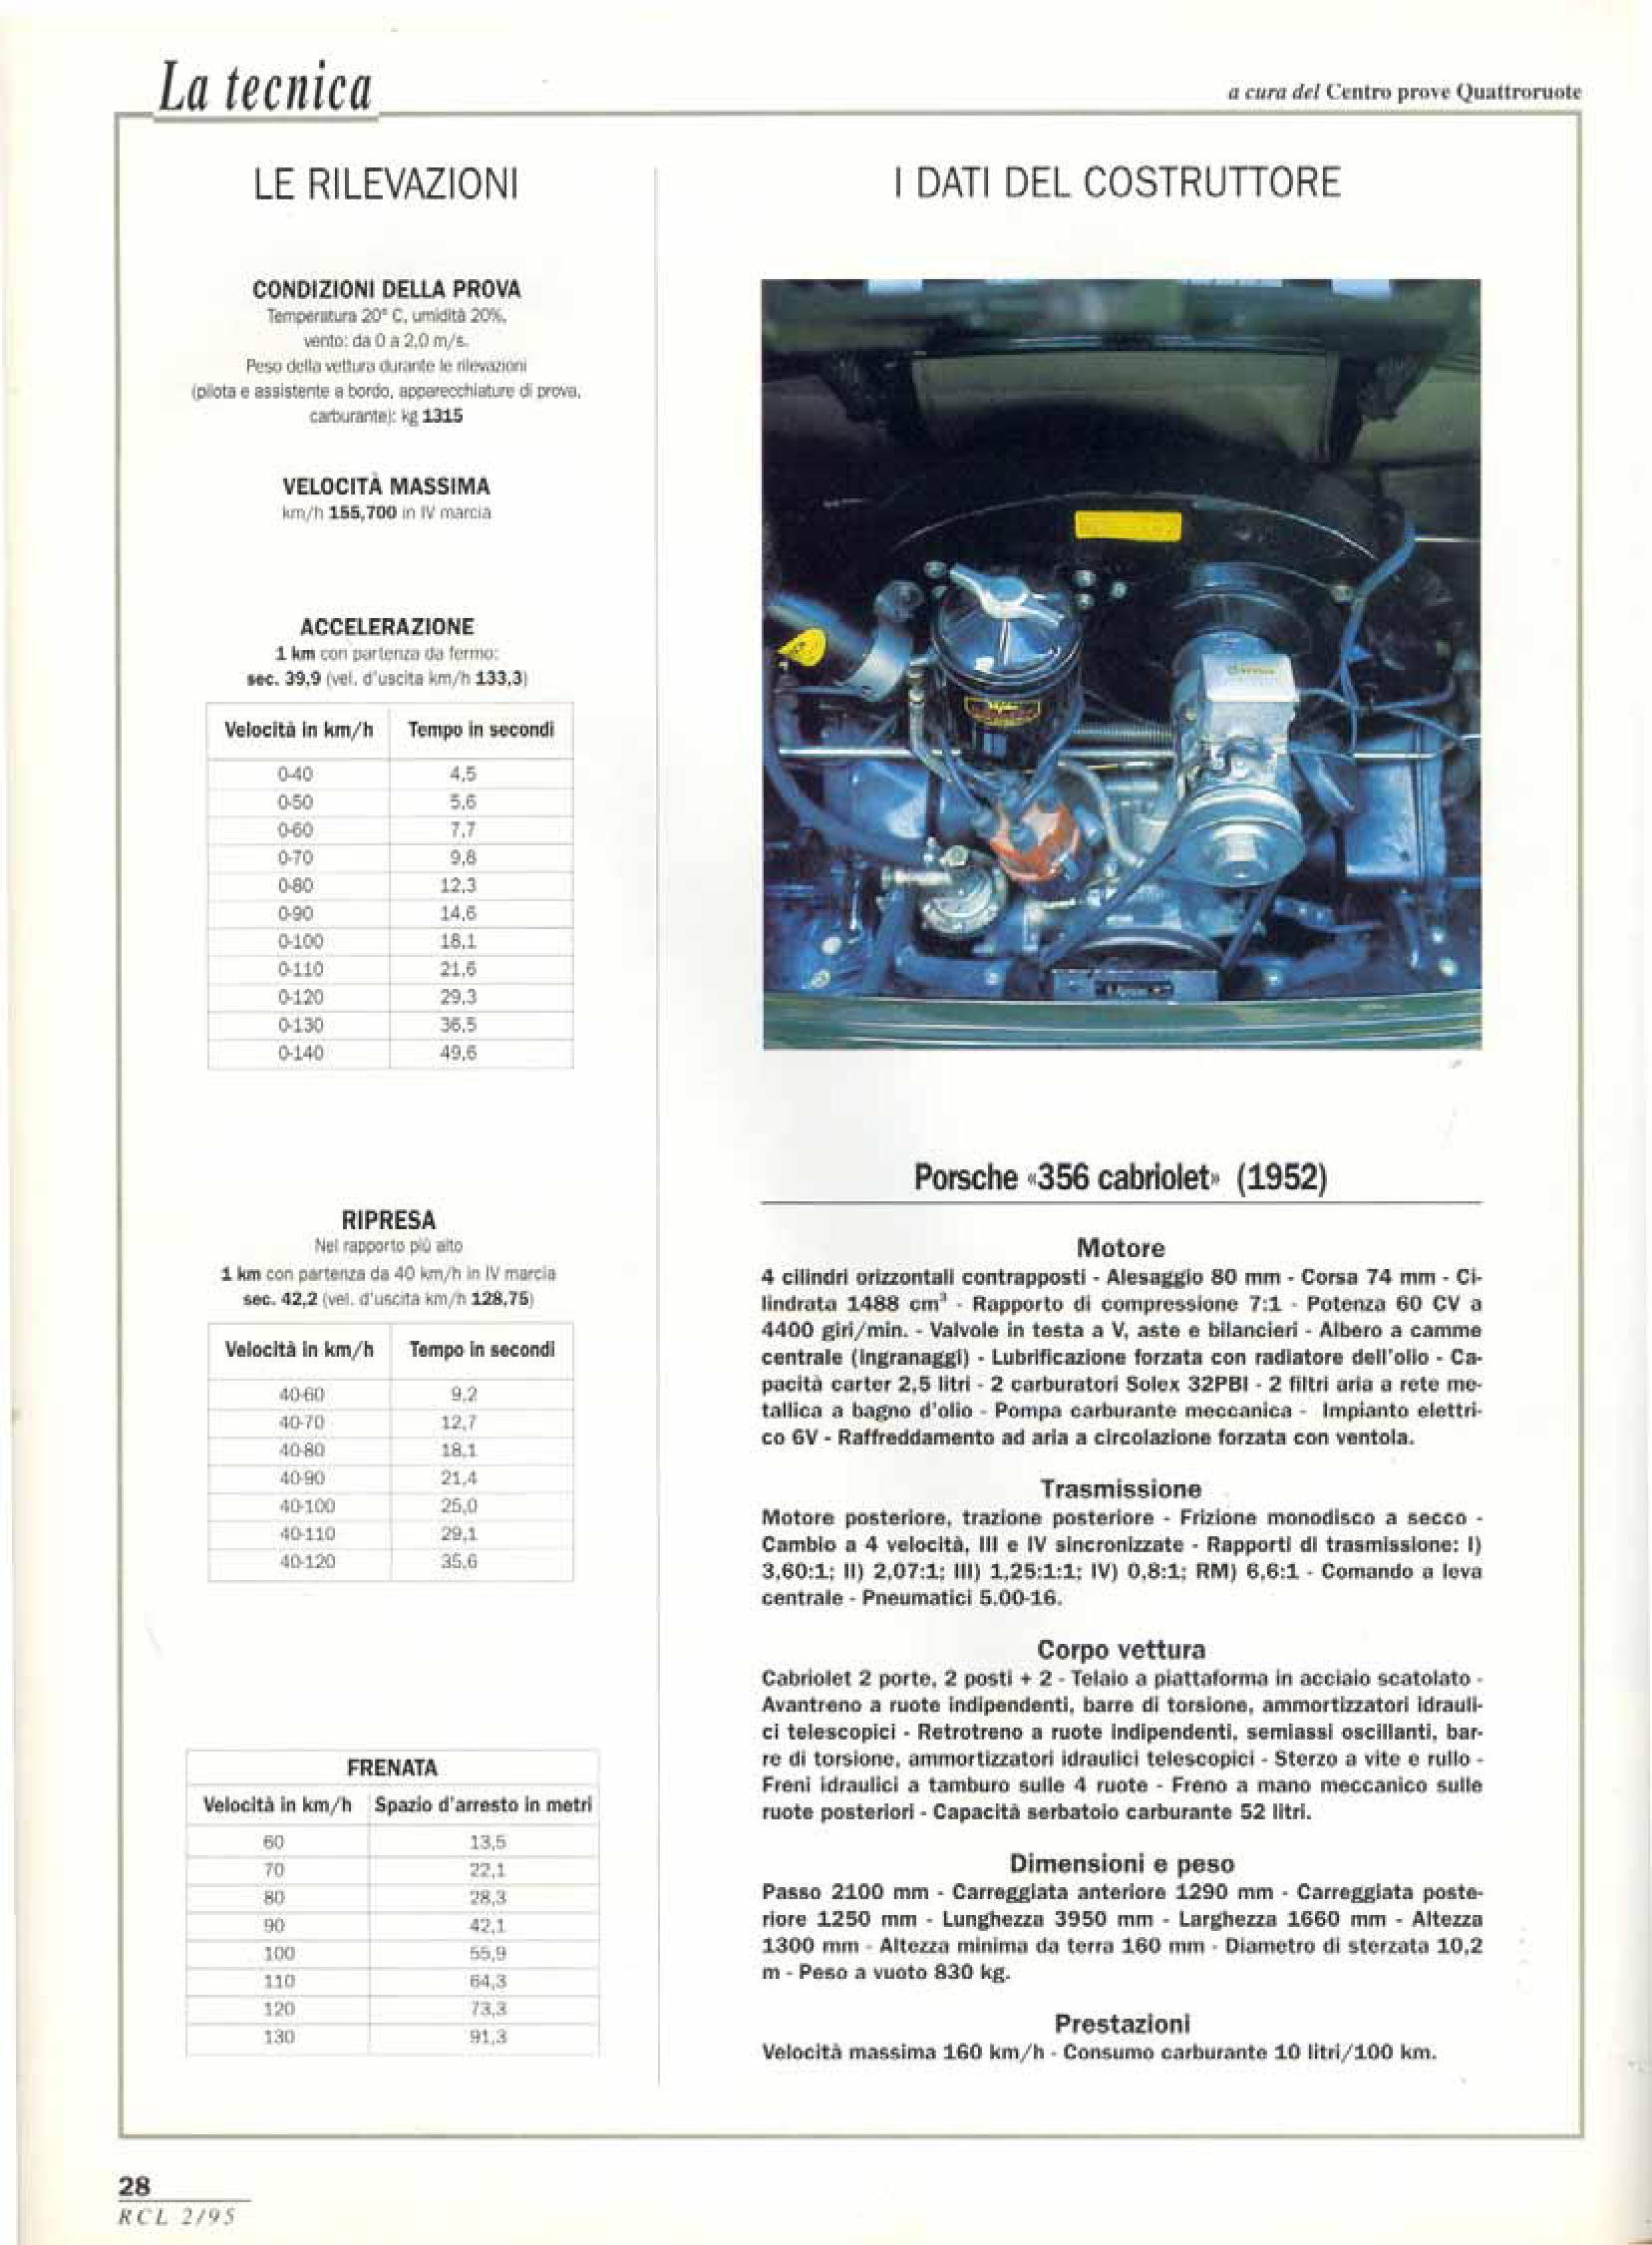 Porsche356ASpider_Auto_R_Ruoteclassiche_